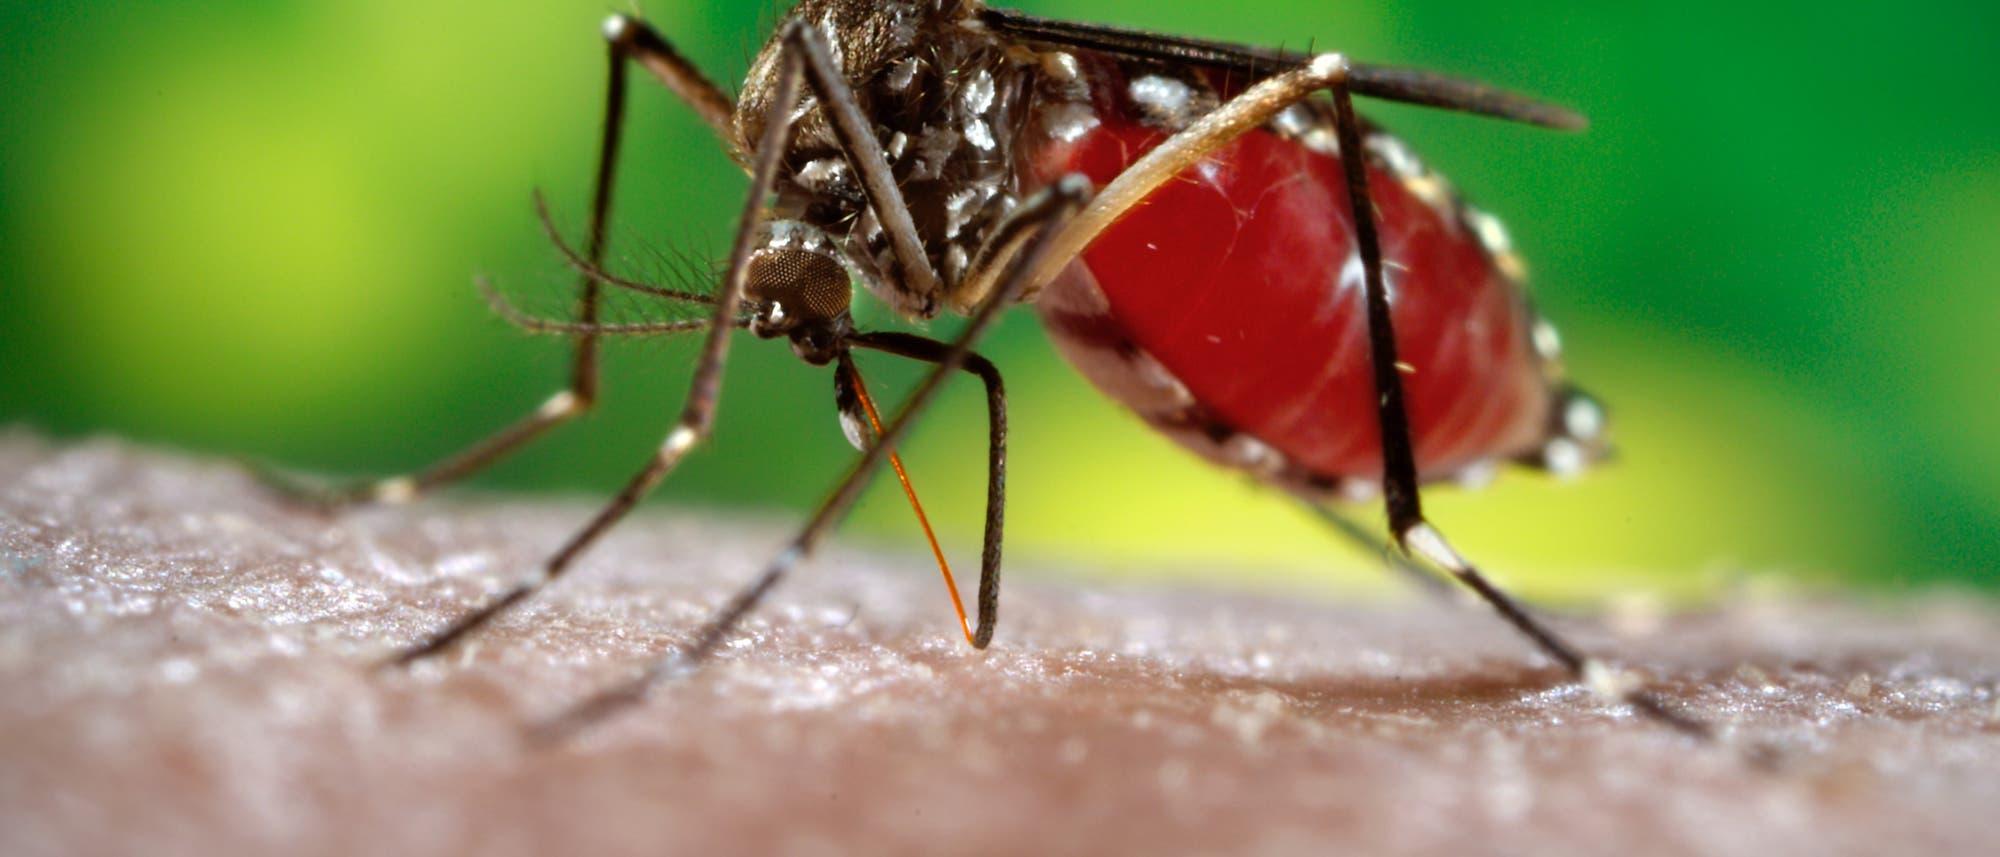 Aedes ägypti Mücke überträgt Dengue-Fieber